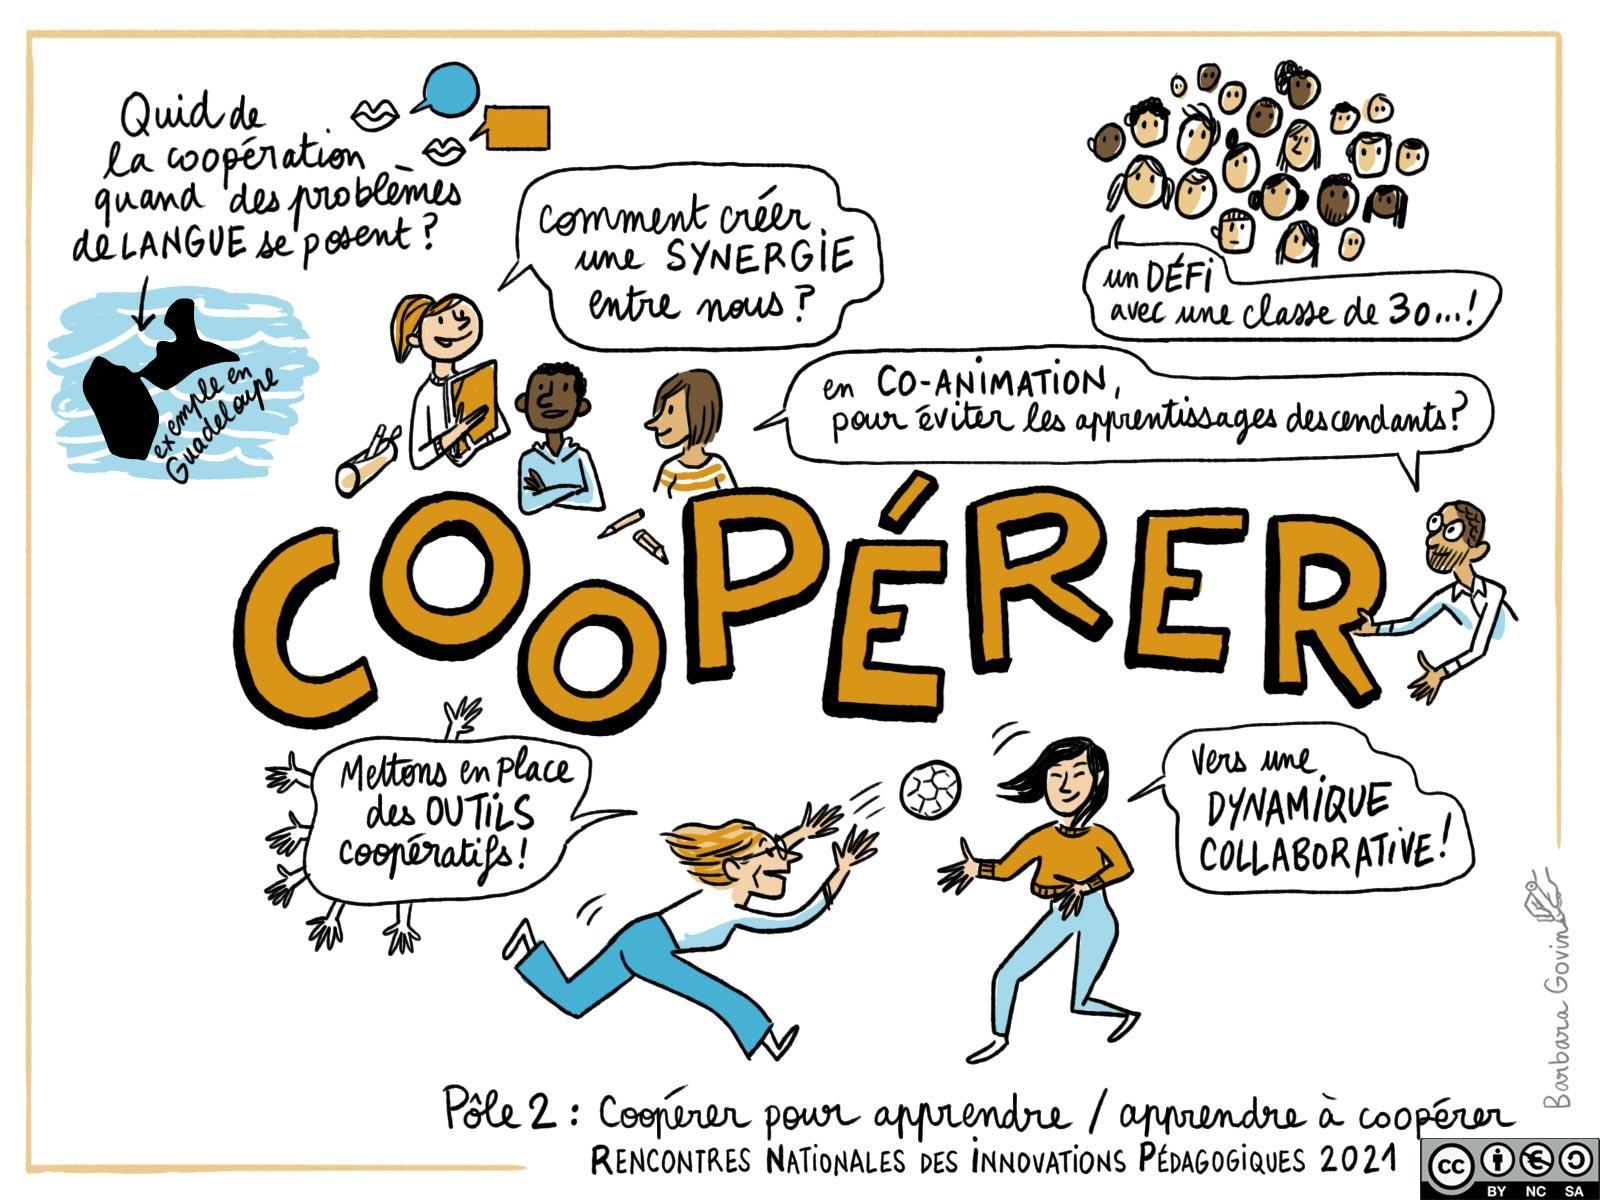 12. Pôle 2 - coopérer